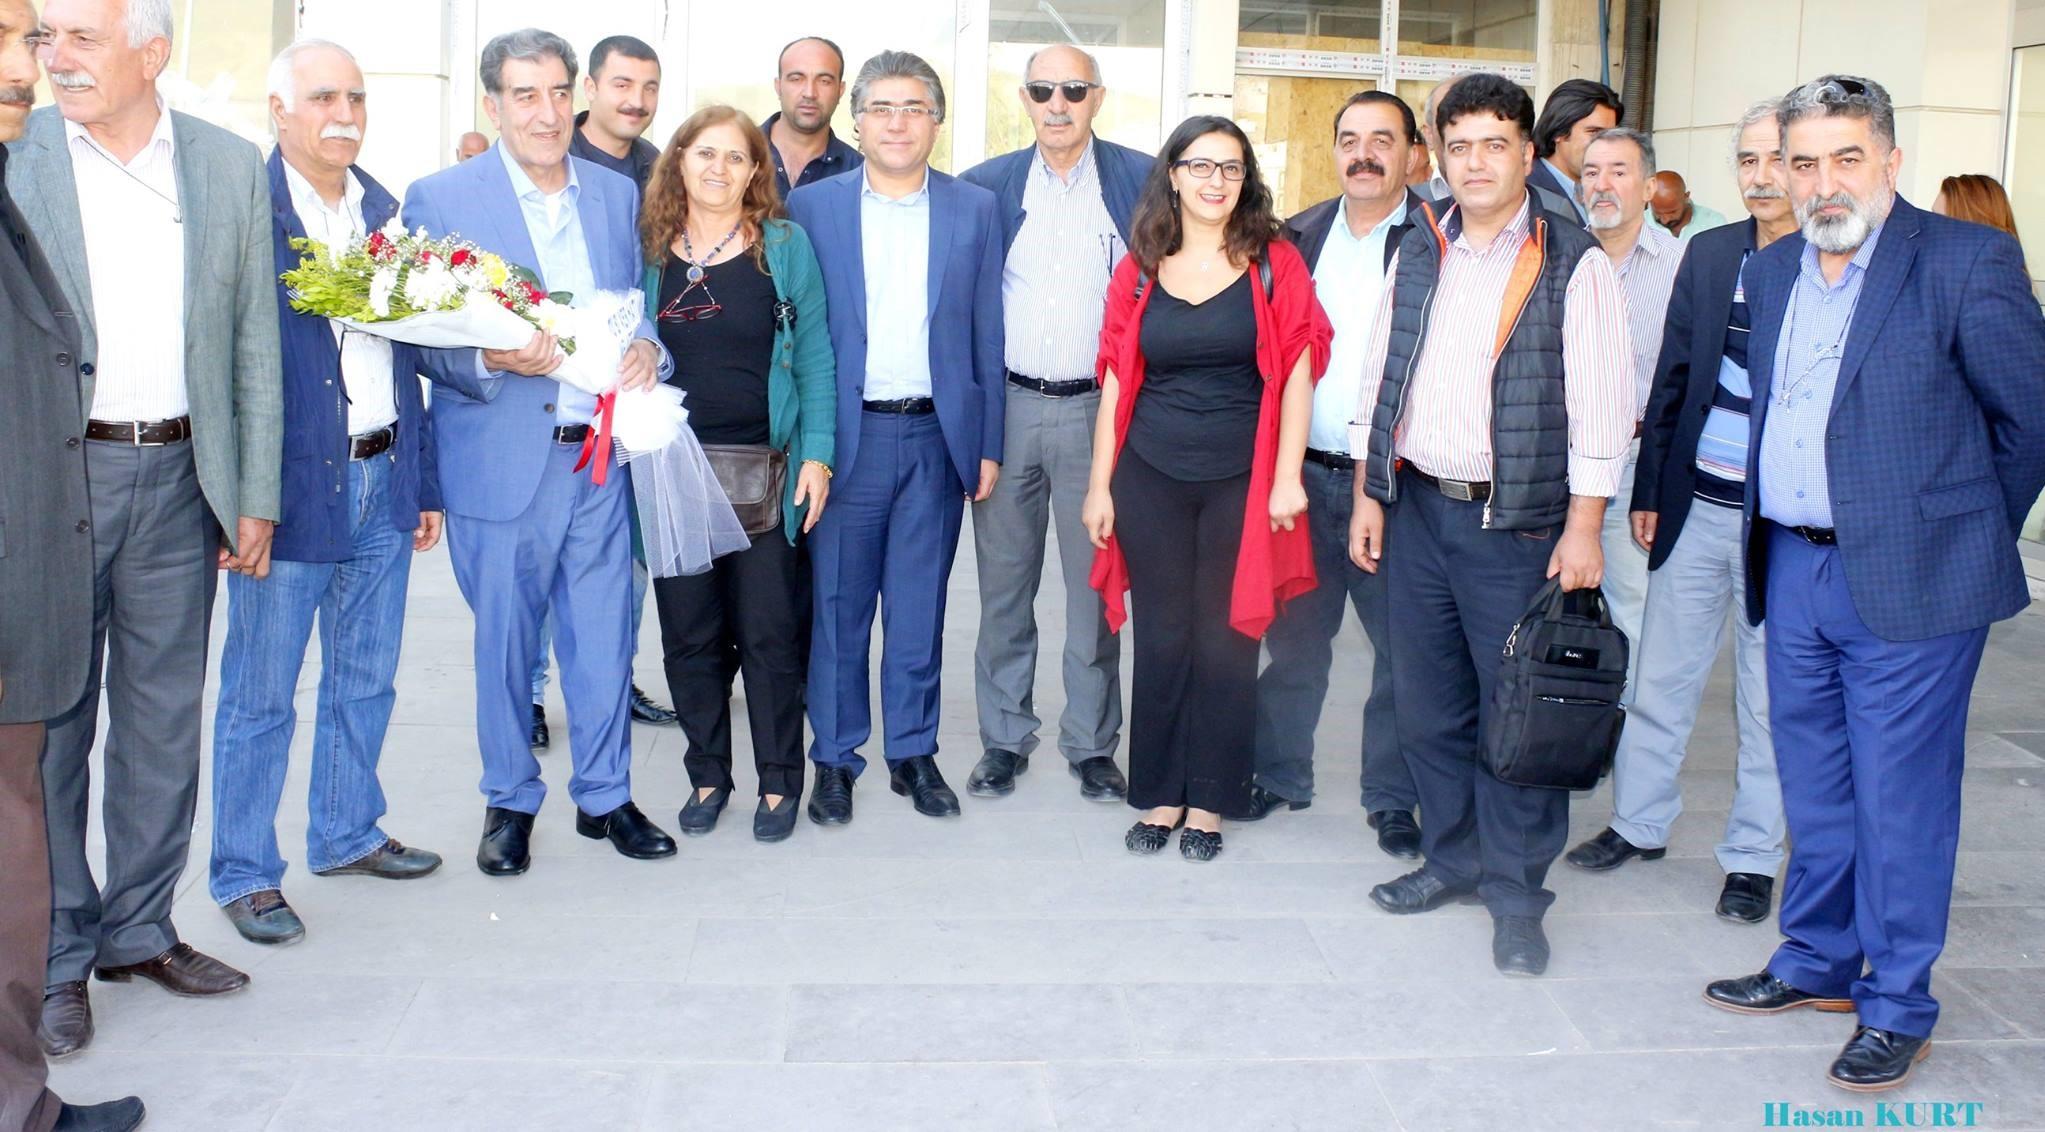 Sîyasetmedarê Kurd Îkram  Delen piştî 36 salan vegerîya welatê  xwe